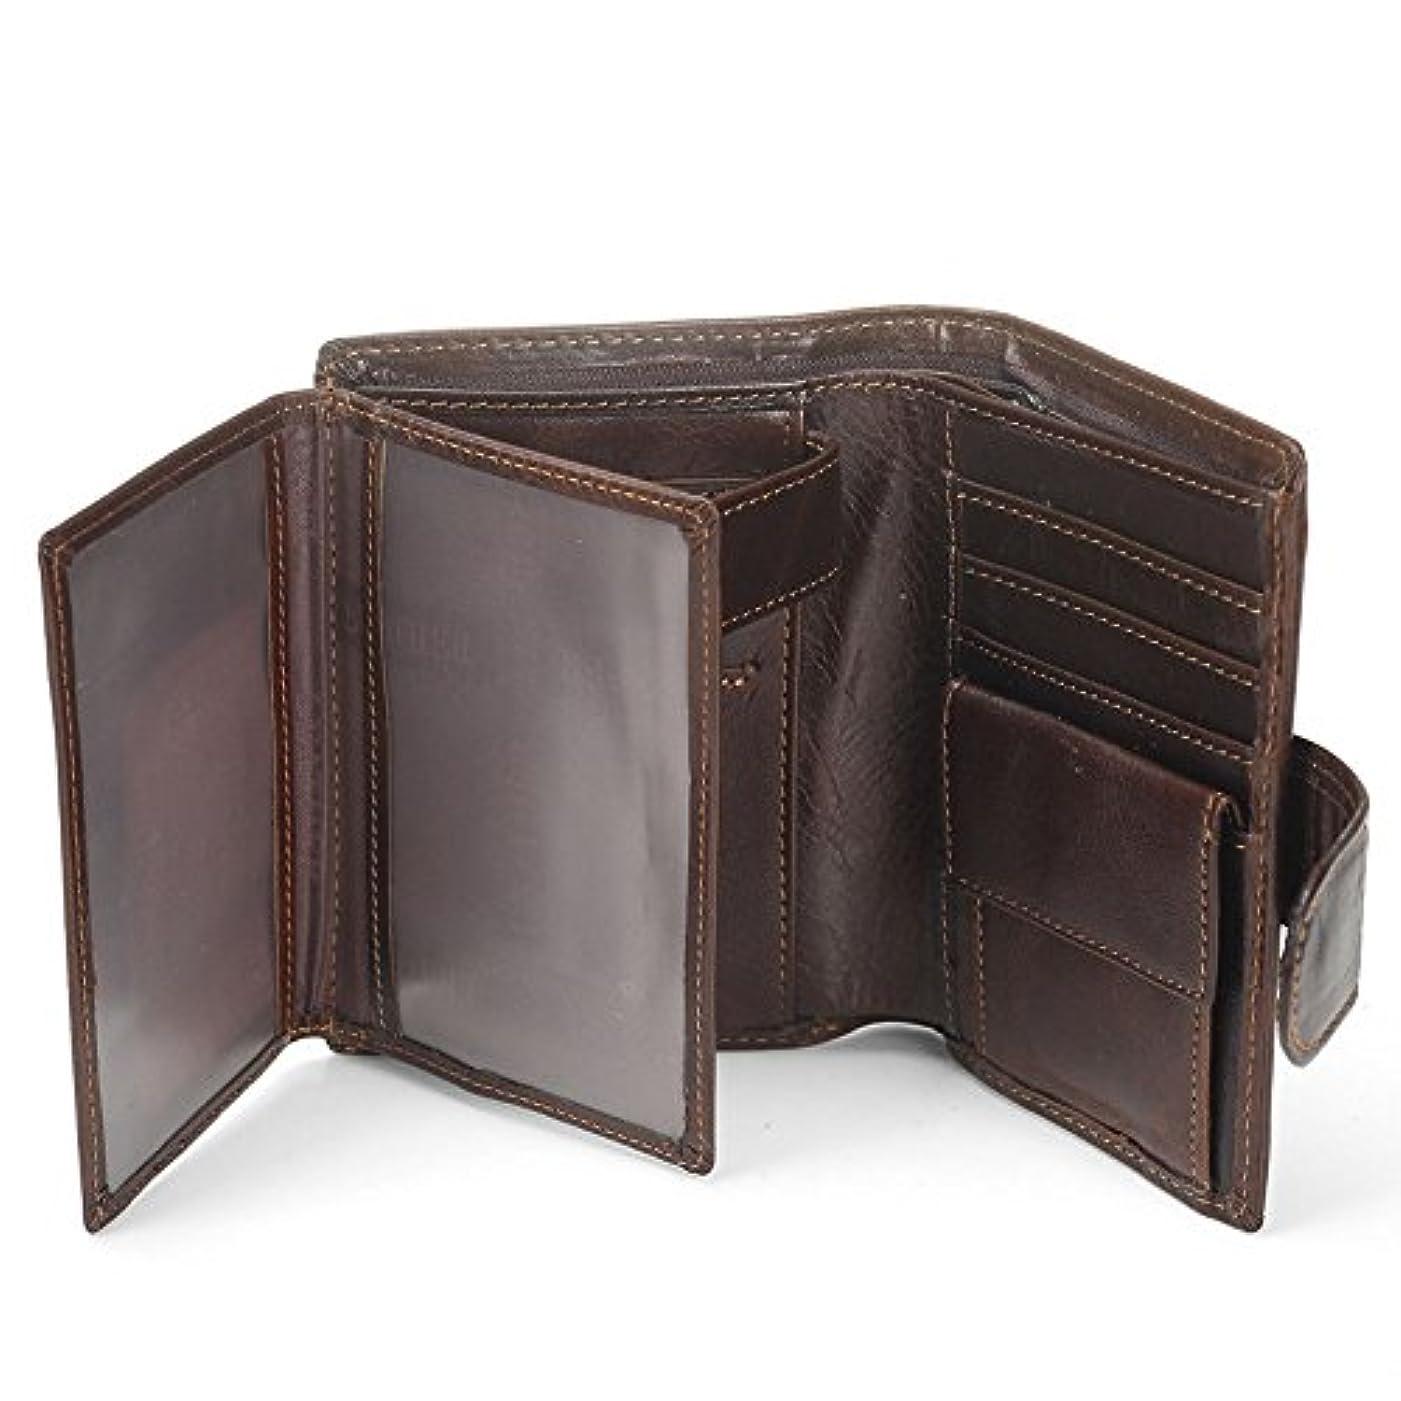 恐れるエキス市の花MISFITS長財布 メンズ ラウンドファスナー ウォレット 本革 牛革 ジップ 旅行 出張 ビジネスに 機能充実 収納力あり